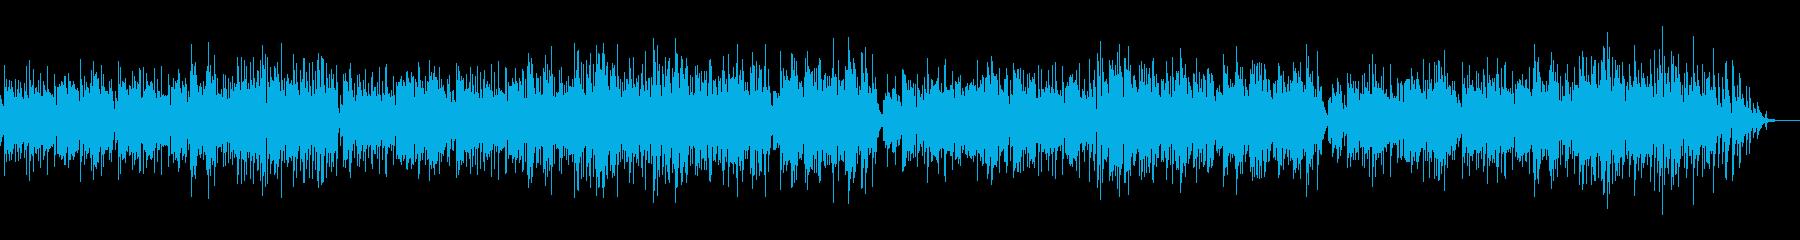 爽やかなアコギ(ナイロン)によるインストの再生済みの波形